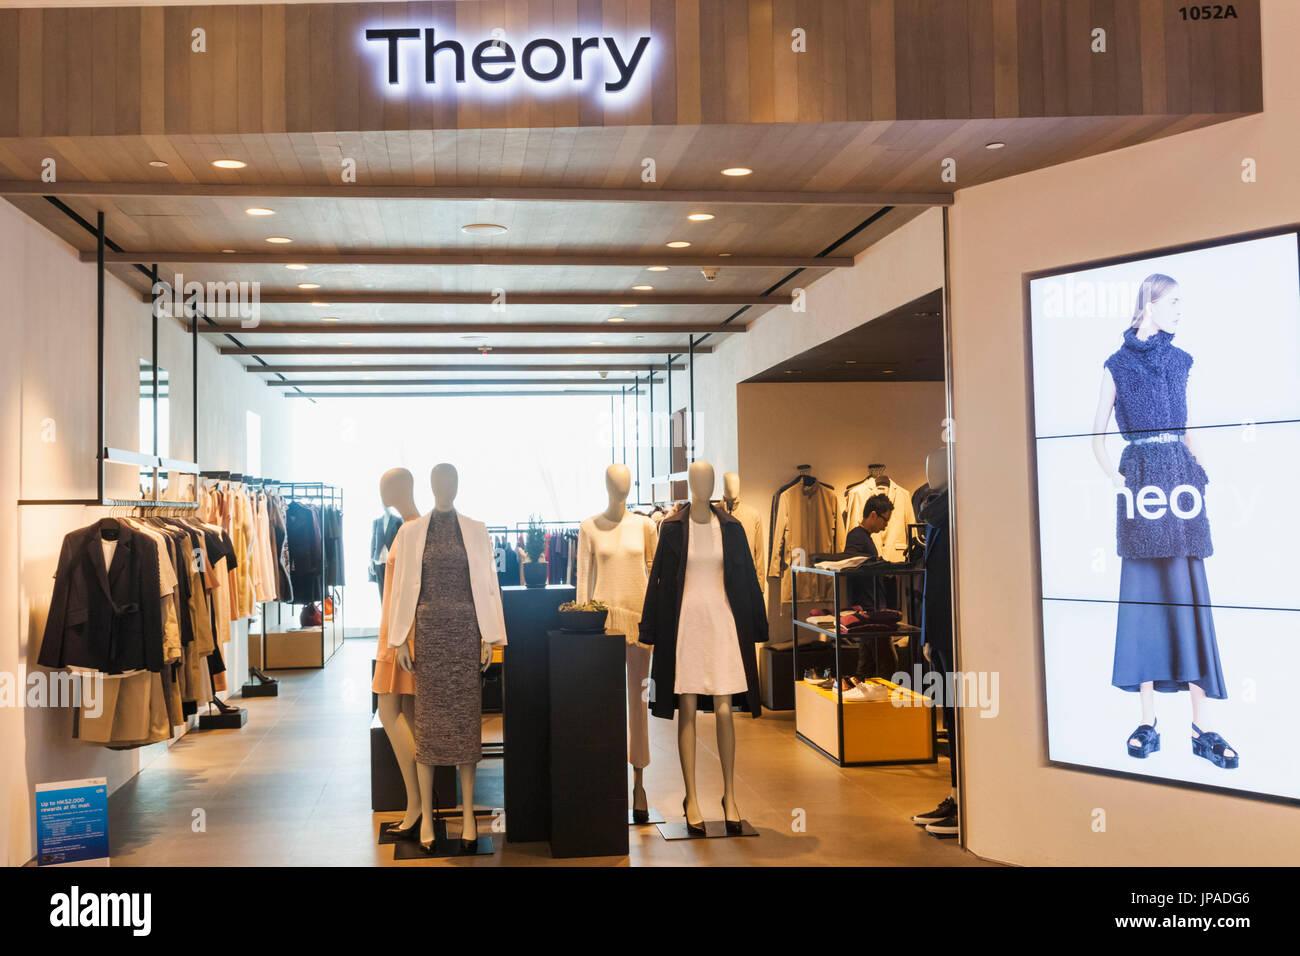 China, Hong Kong, Central, IFC Shopping Mall, Theory Store - Stock Image